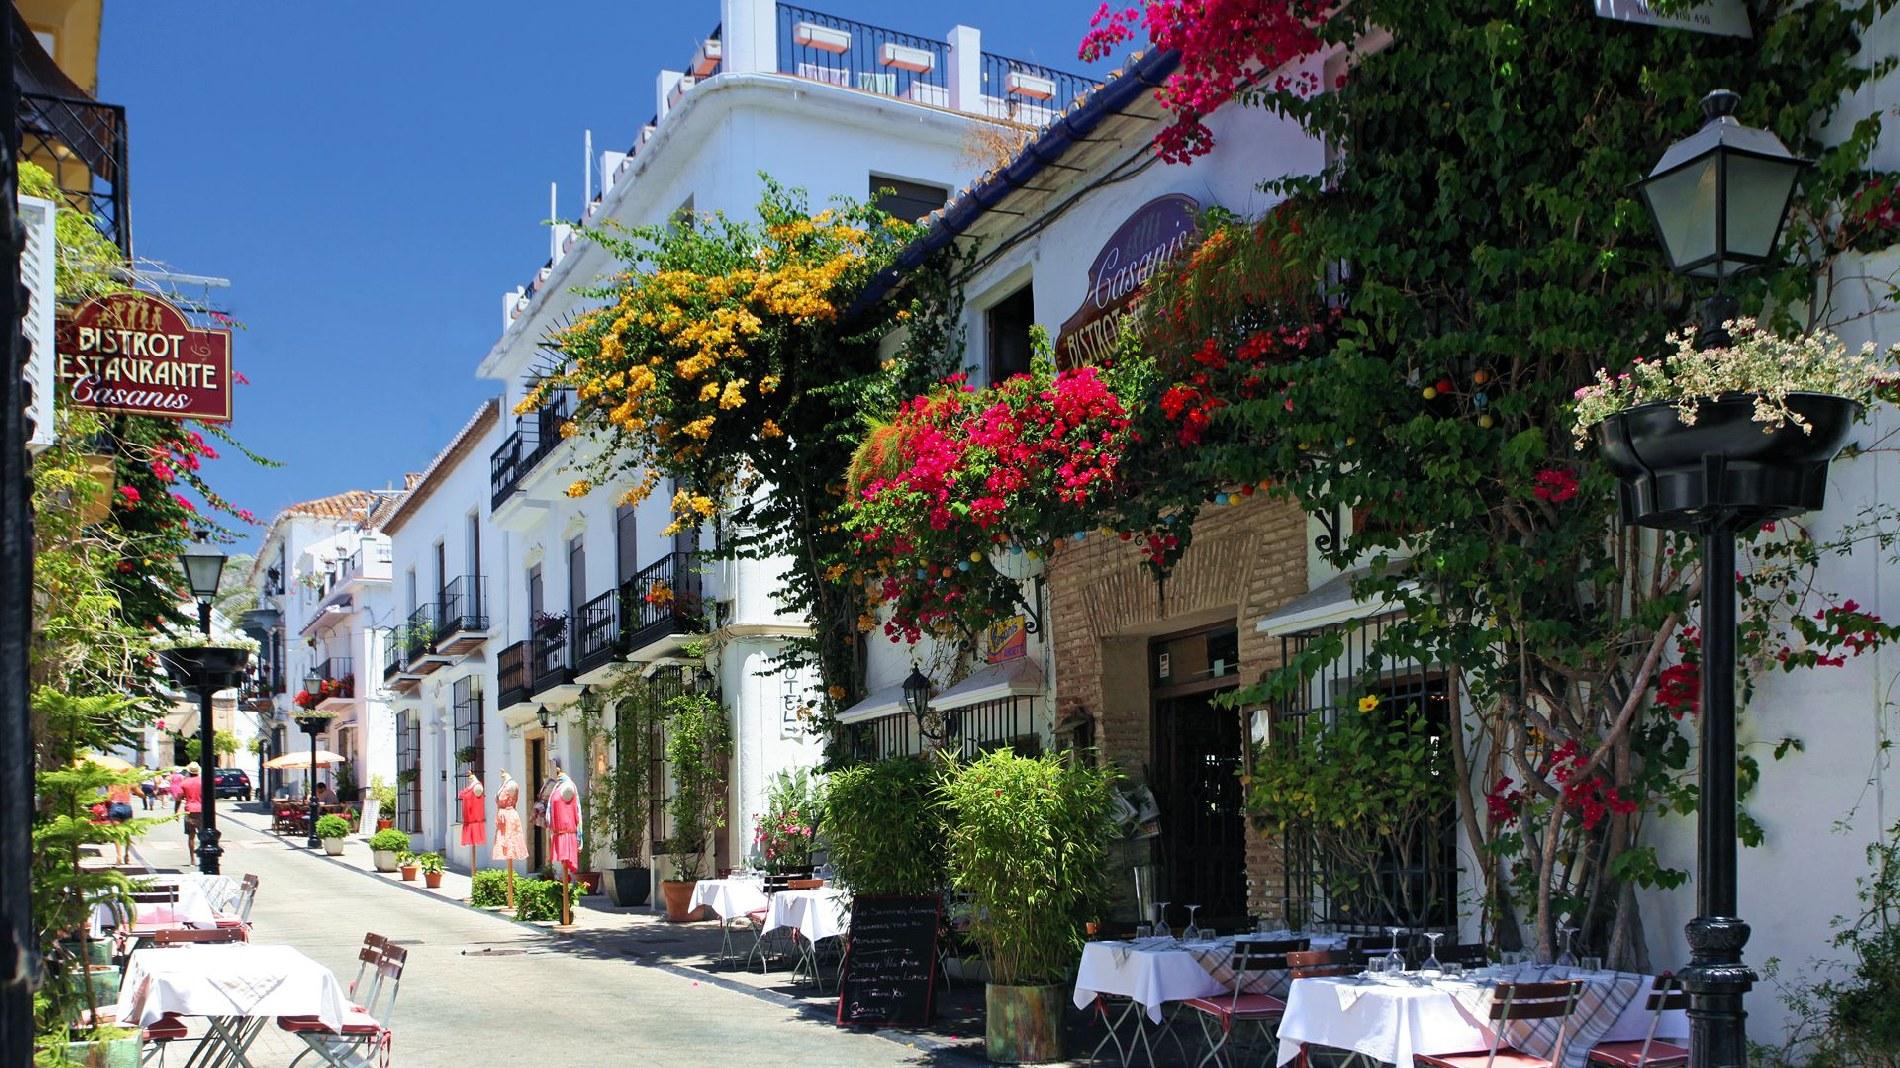 Aprire un'agenzia turistica a Marbella